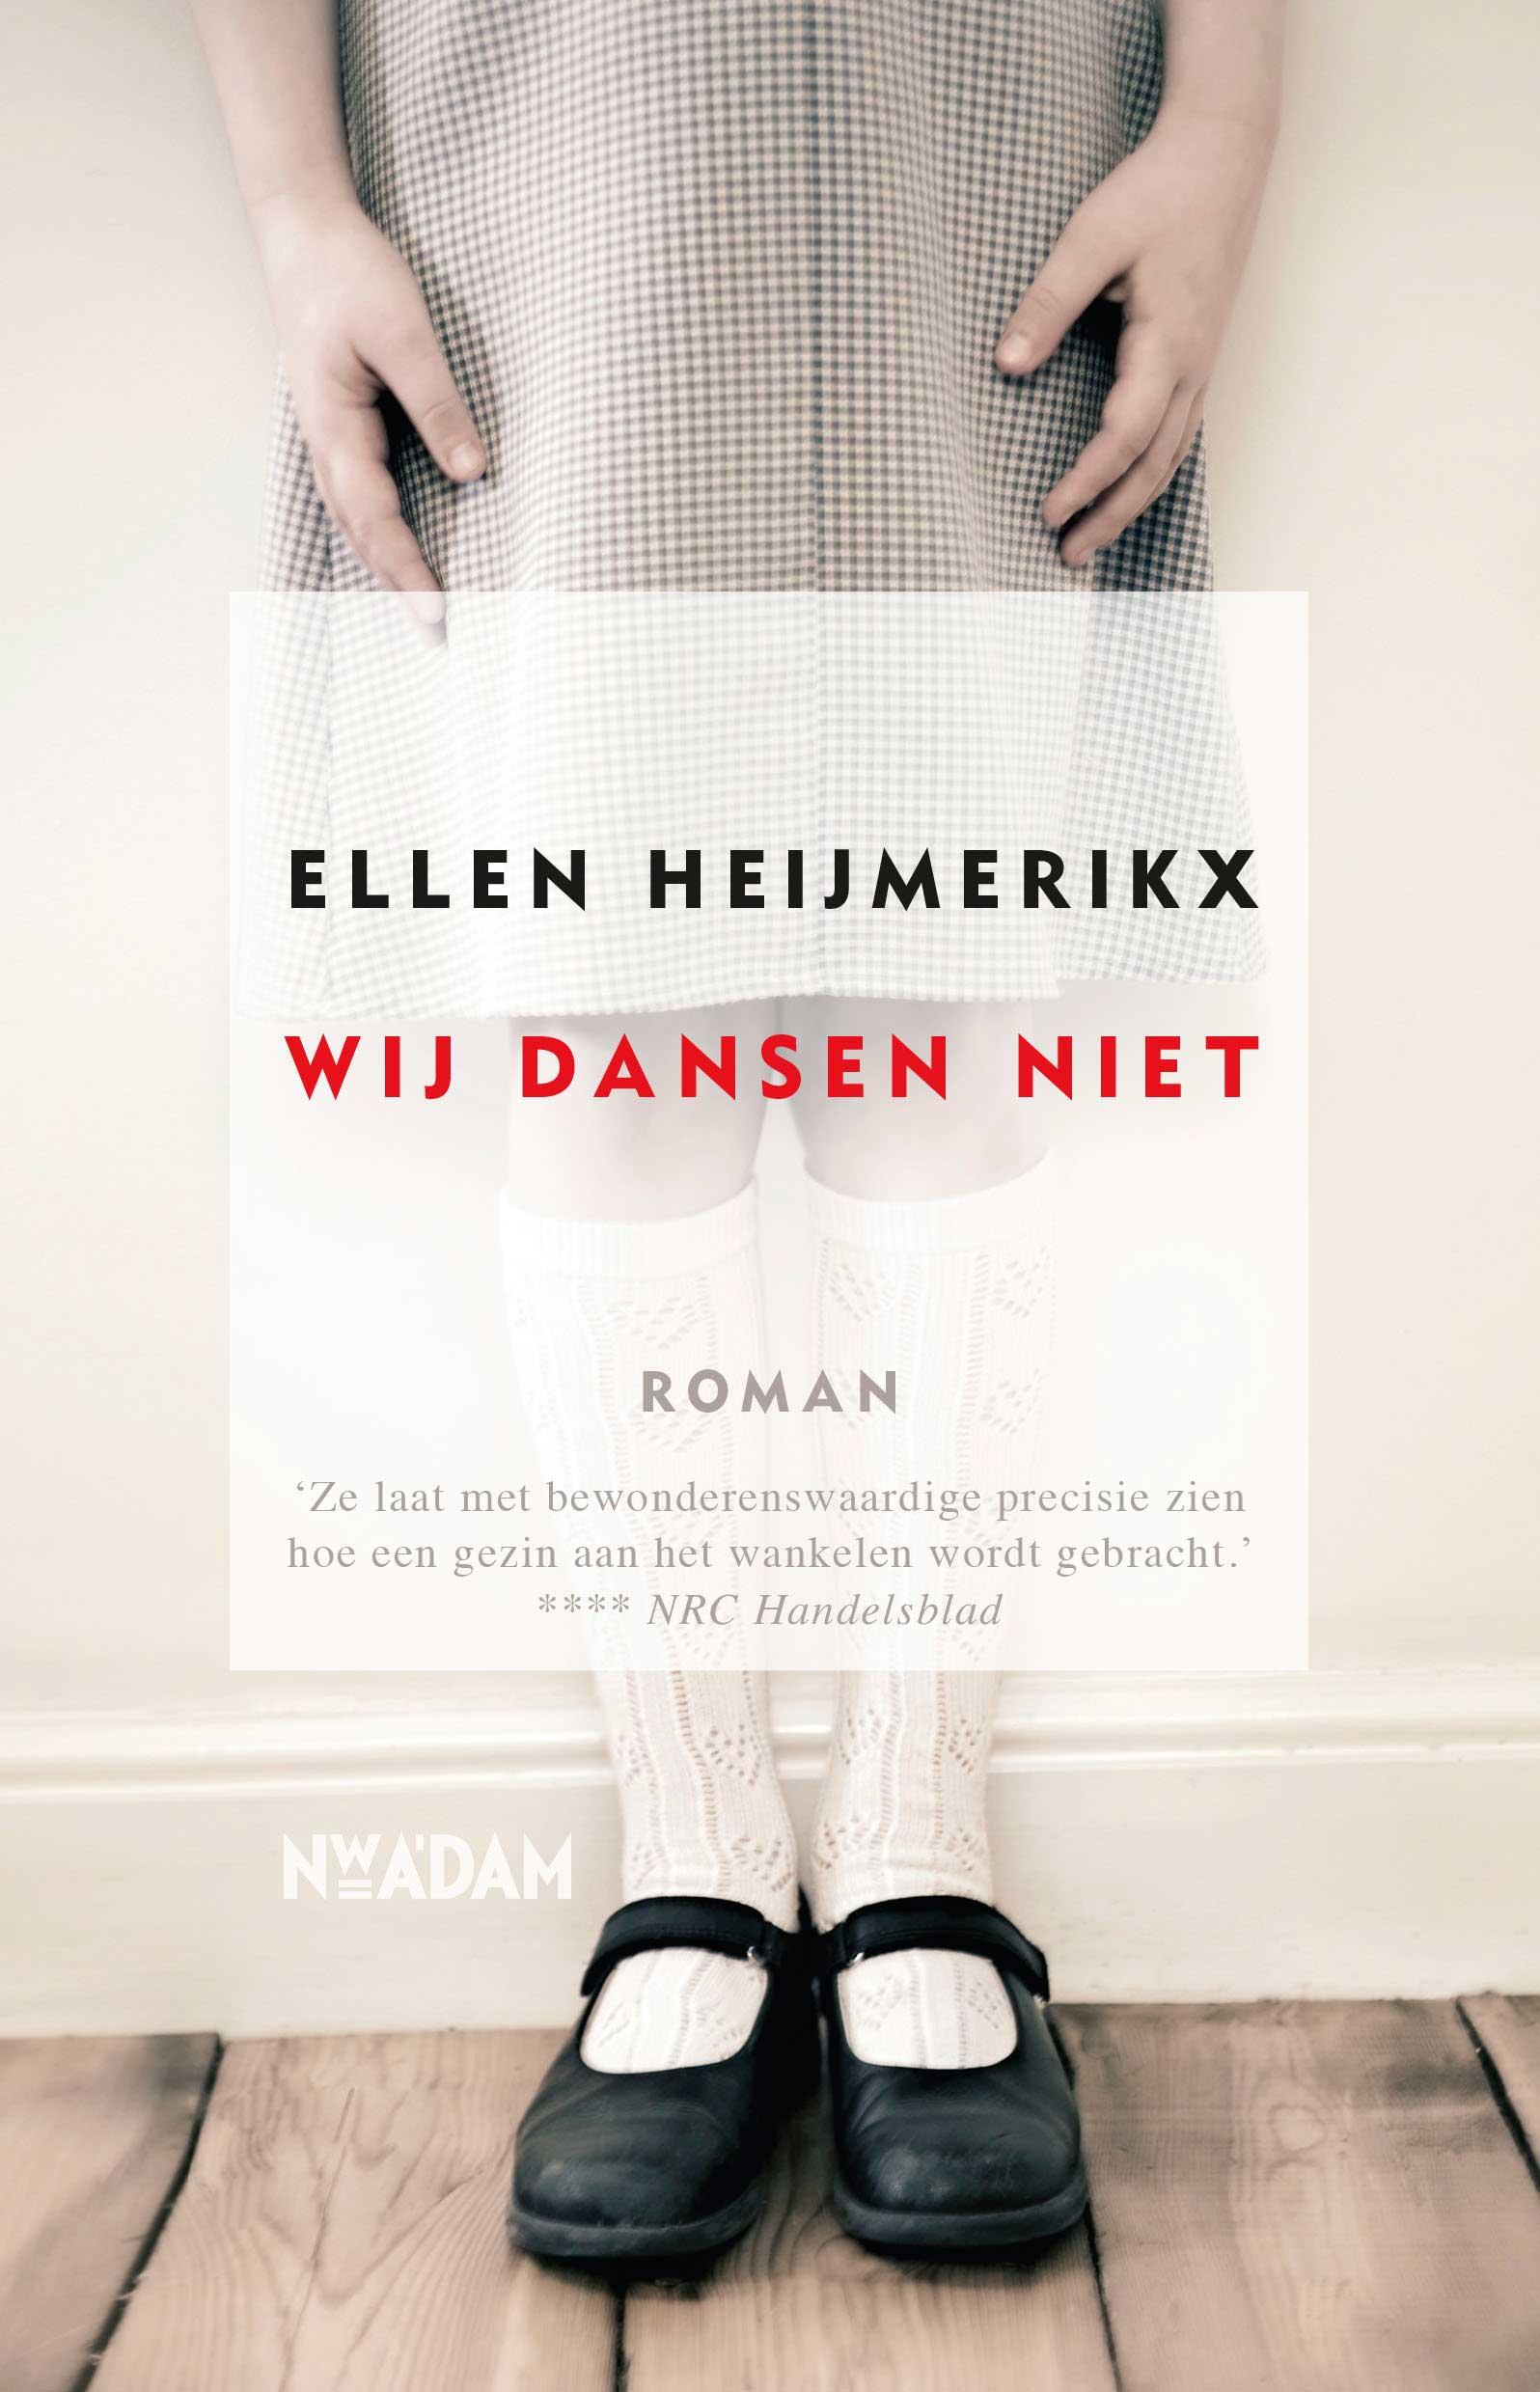 https://pratenoverromanfragmenten.nl/wp-content/uploads/2015/12/Voorpagina-11-Wij-dansen-niet.jpg